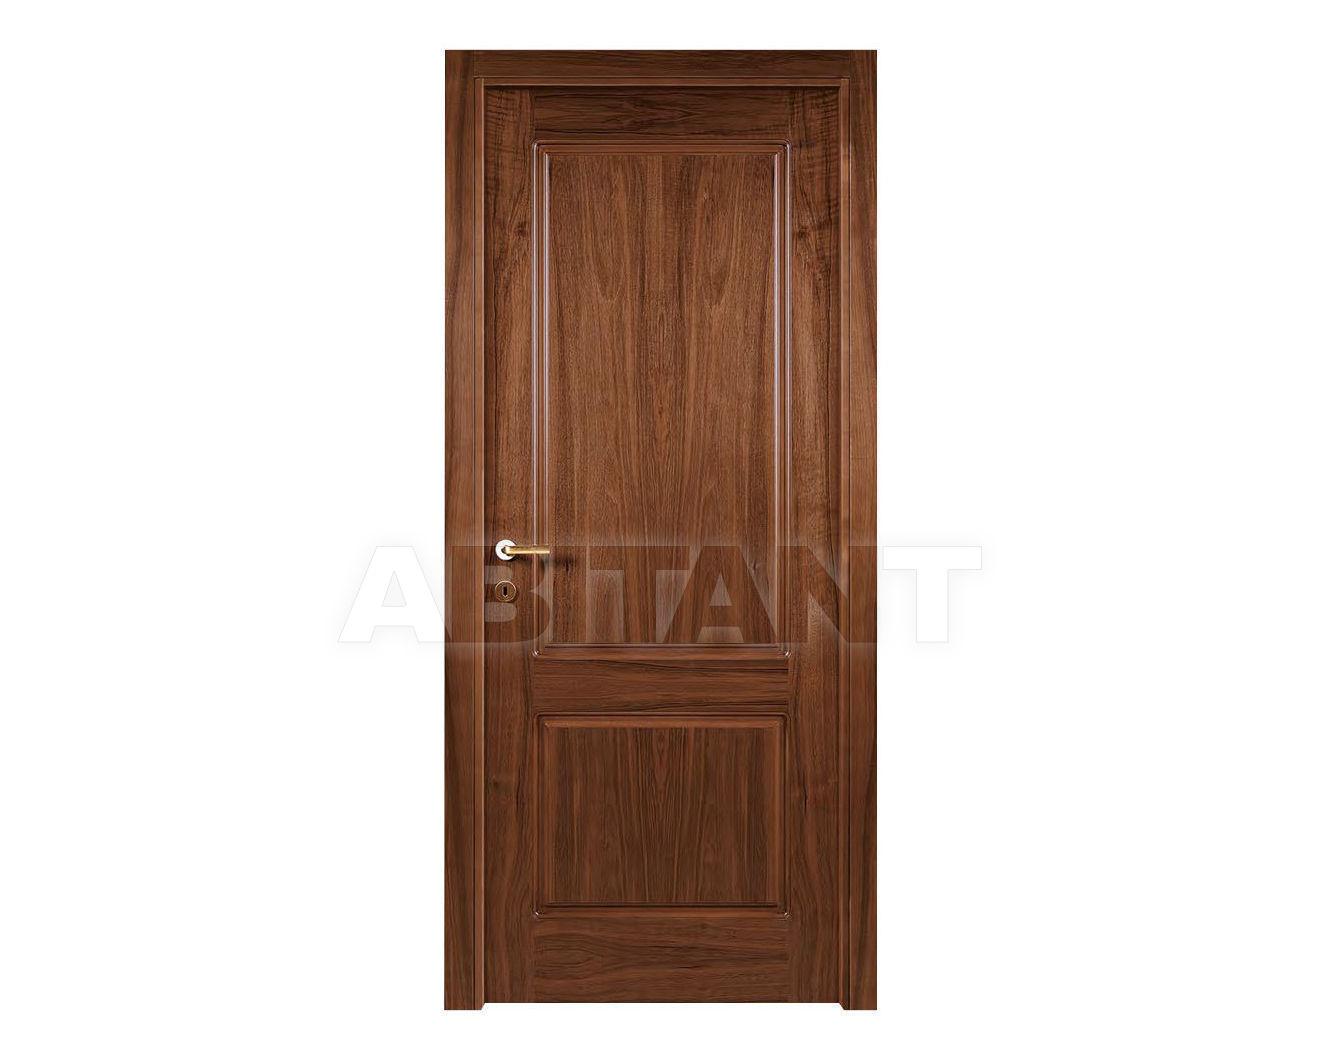 Купить Дверь деревянная Fioravazzi Pantografate PARIZIA 27 CIECA